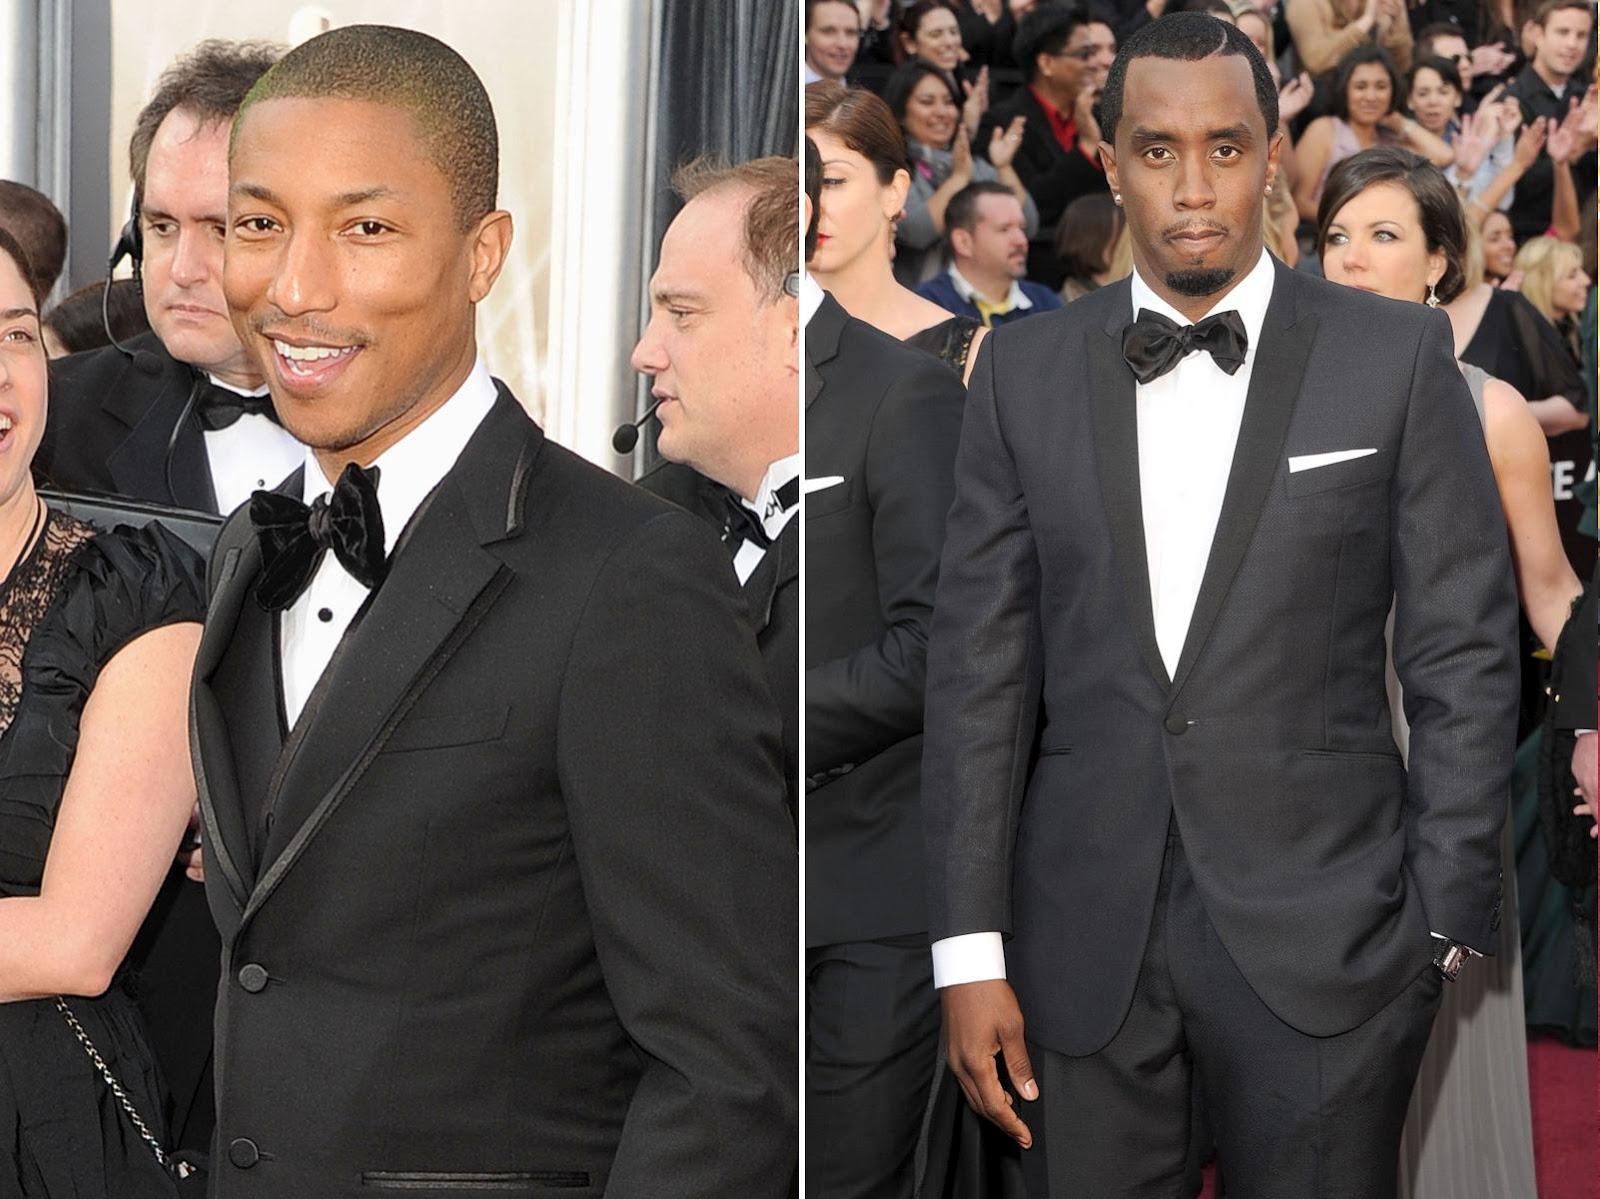 http://2.bp.blogspot.com/-wTy3P1EMZMY/T0yyNIg8eLI/AAAAAAAADGU/e1iq7f4HTws/s1600/looks-masculinos-gala-oscar-2012-Pharrel-Williams-Puff-diddy-Sean-Combs.jpg